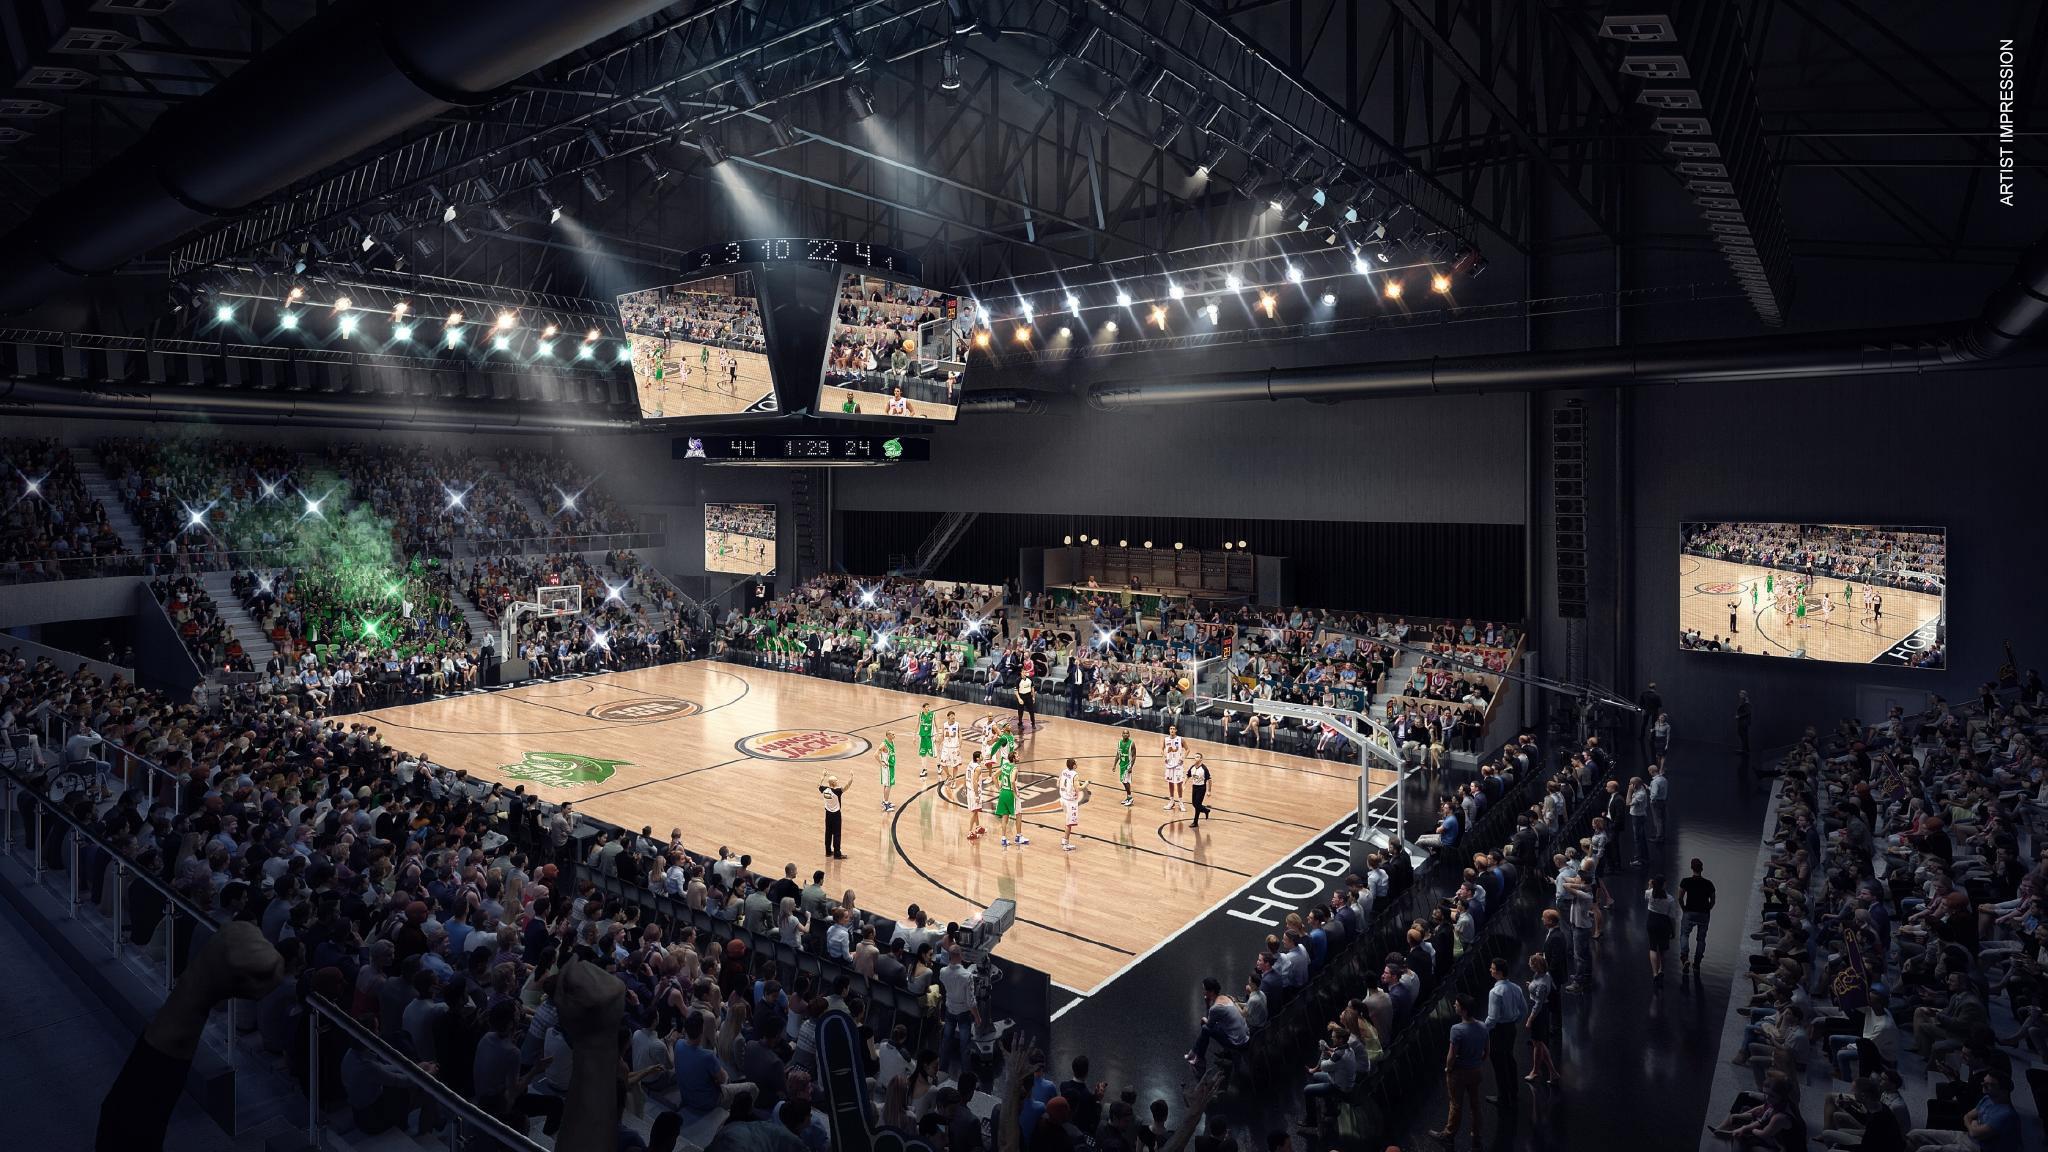 PTI Digital announces NBL as first APAC client for Derwent Entertainment Centre redevelopment